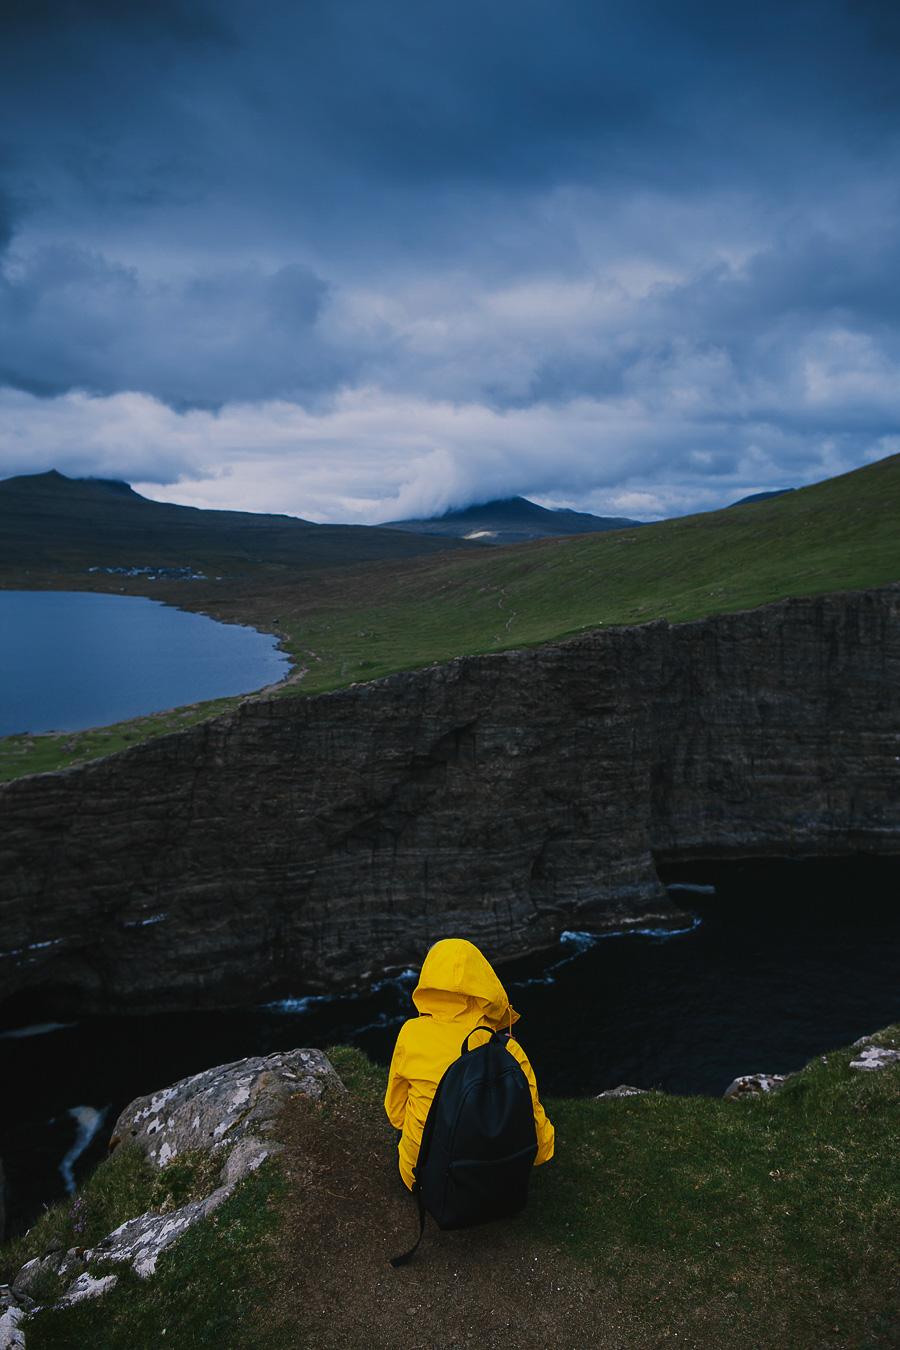 Woman in yellow jacket sitting on a cliff in Faroe Islands